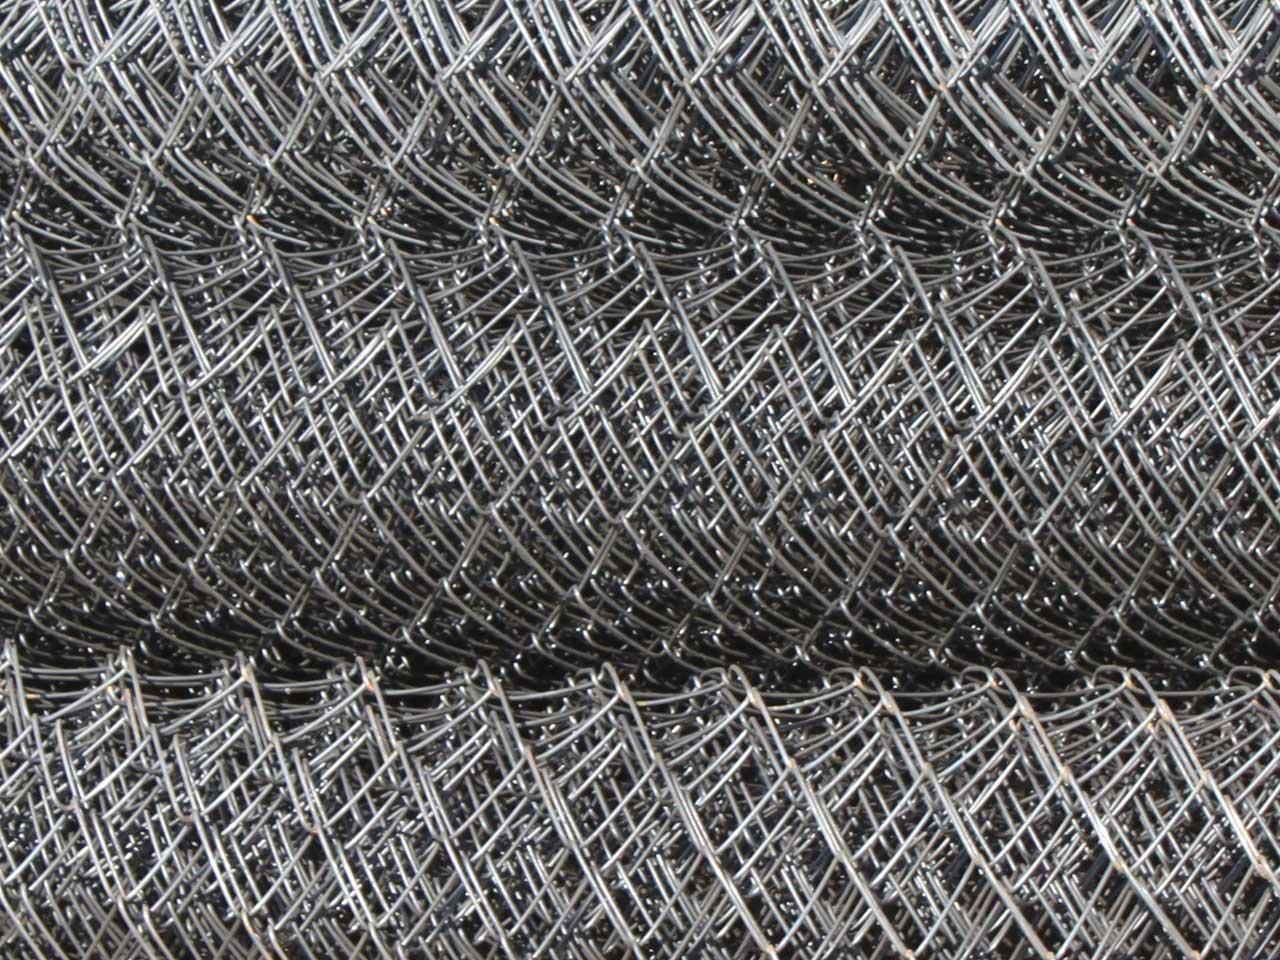 Свой бизнес: производство сетки Рабица. Бизнес-план производства сетки Рабица: оборудование, технология и необходимые документы